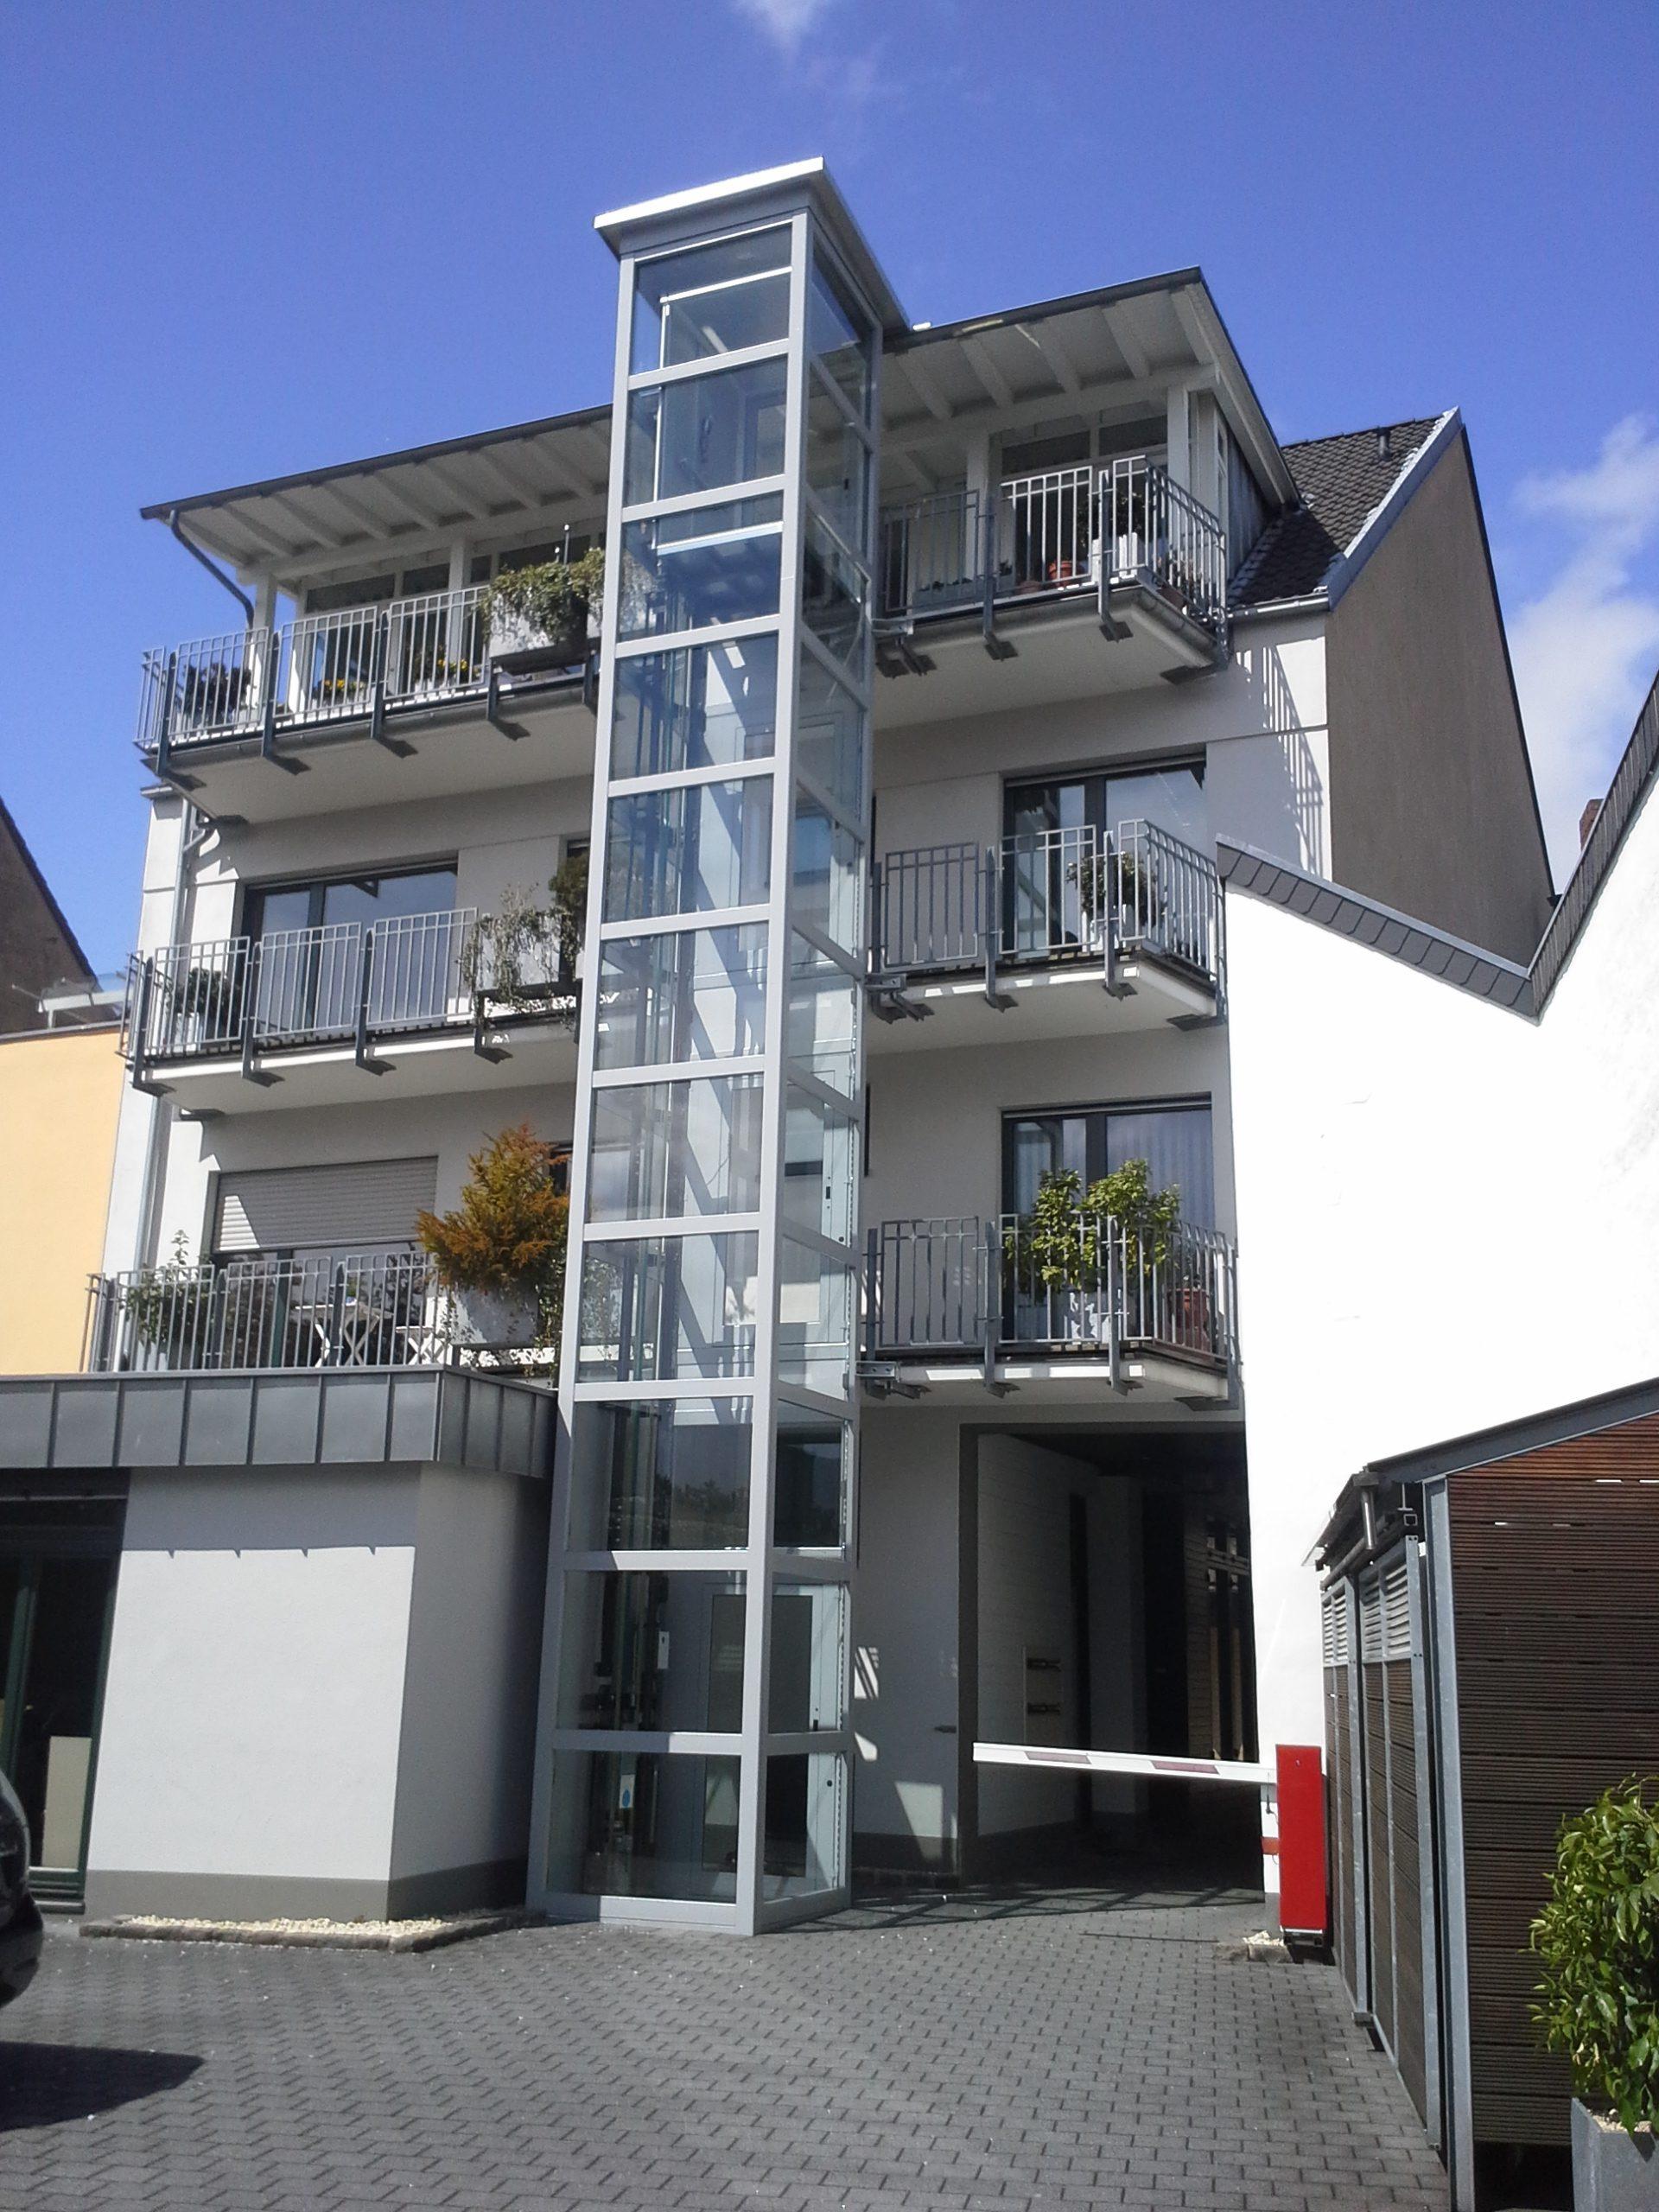 Außenaufzug Homelift aus Glas vor Balkonen